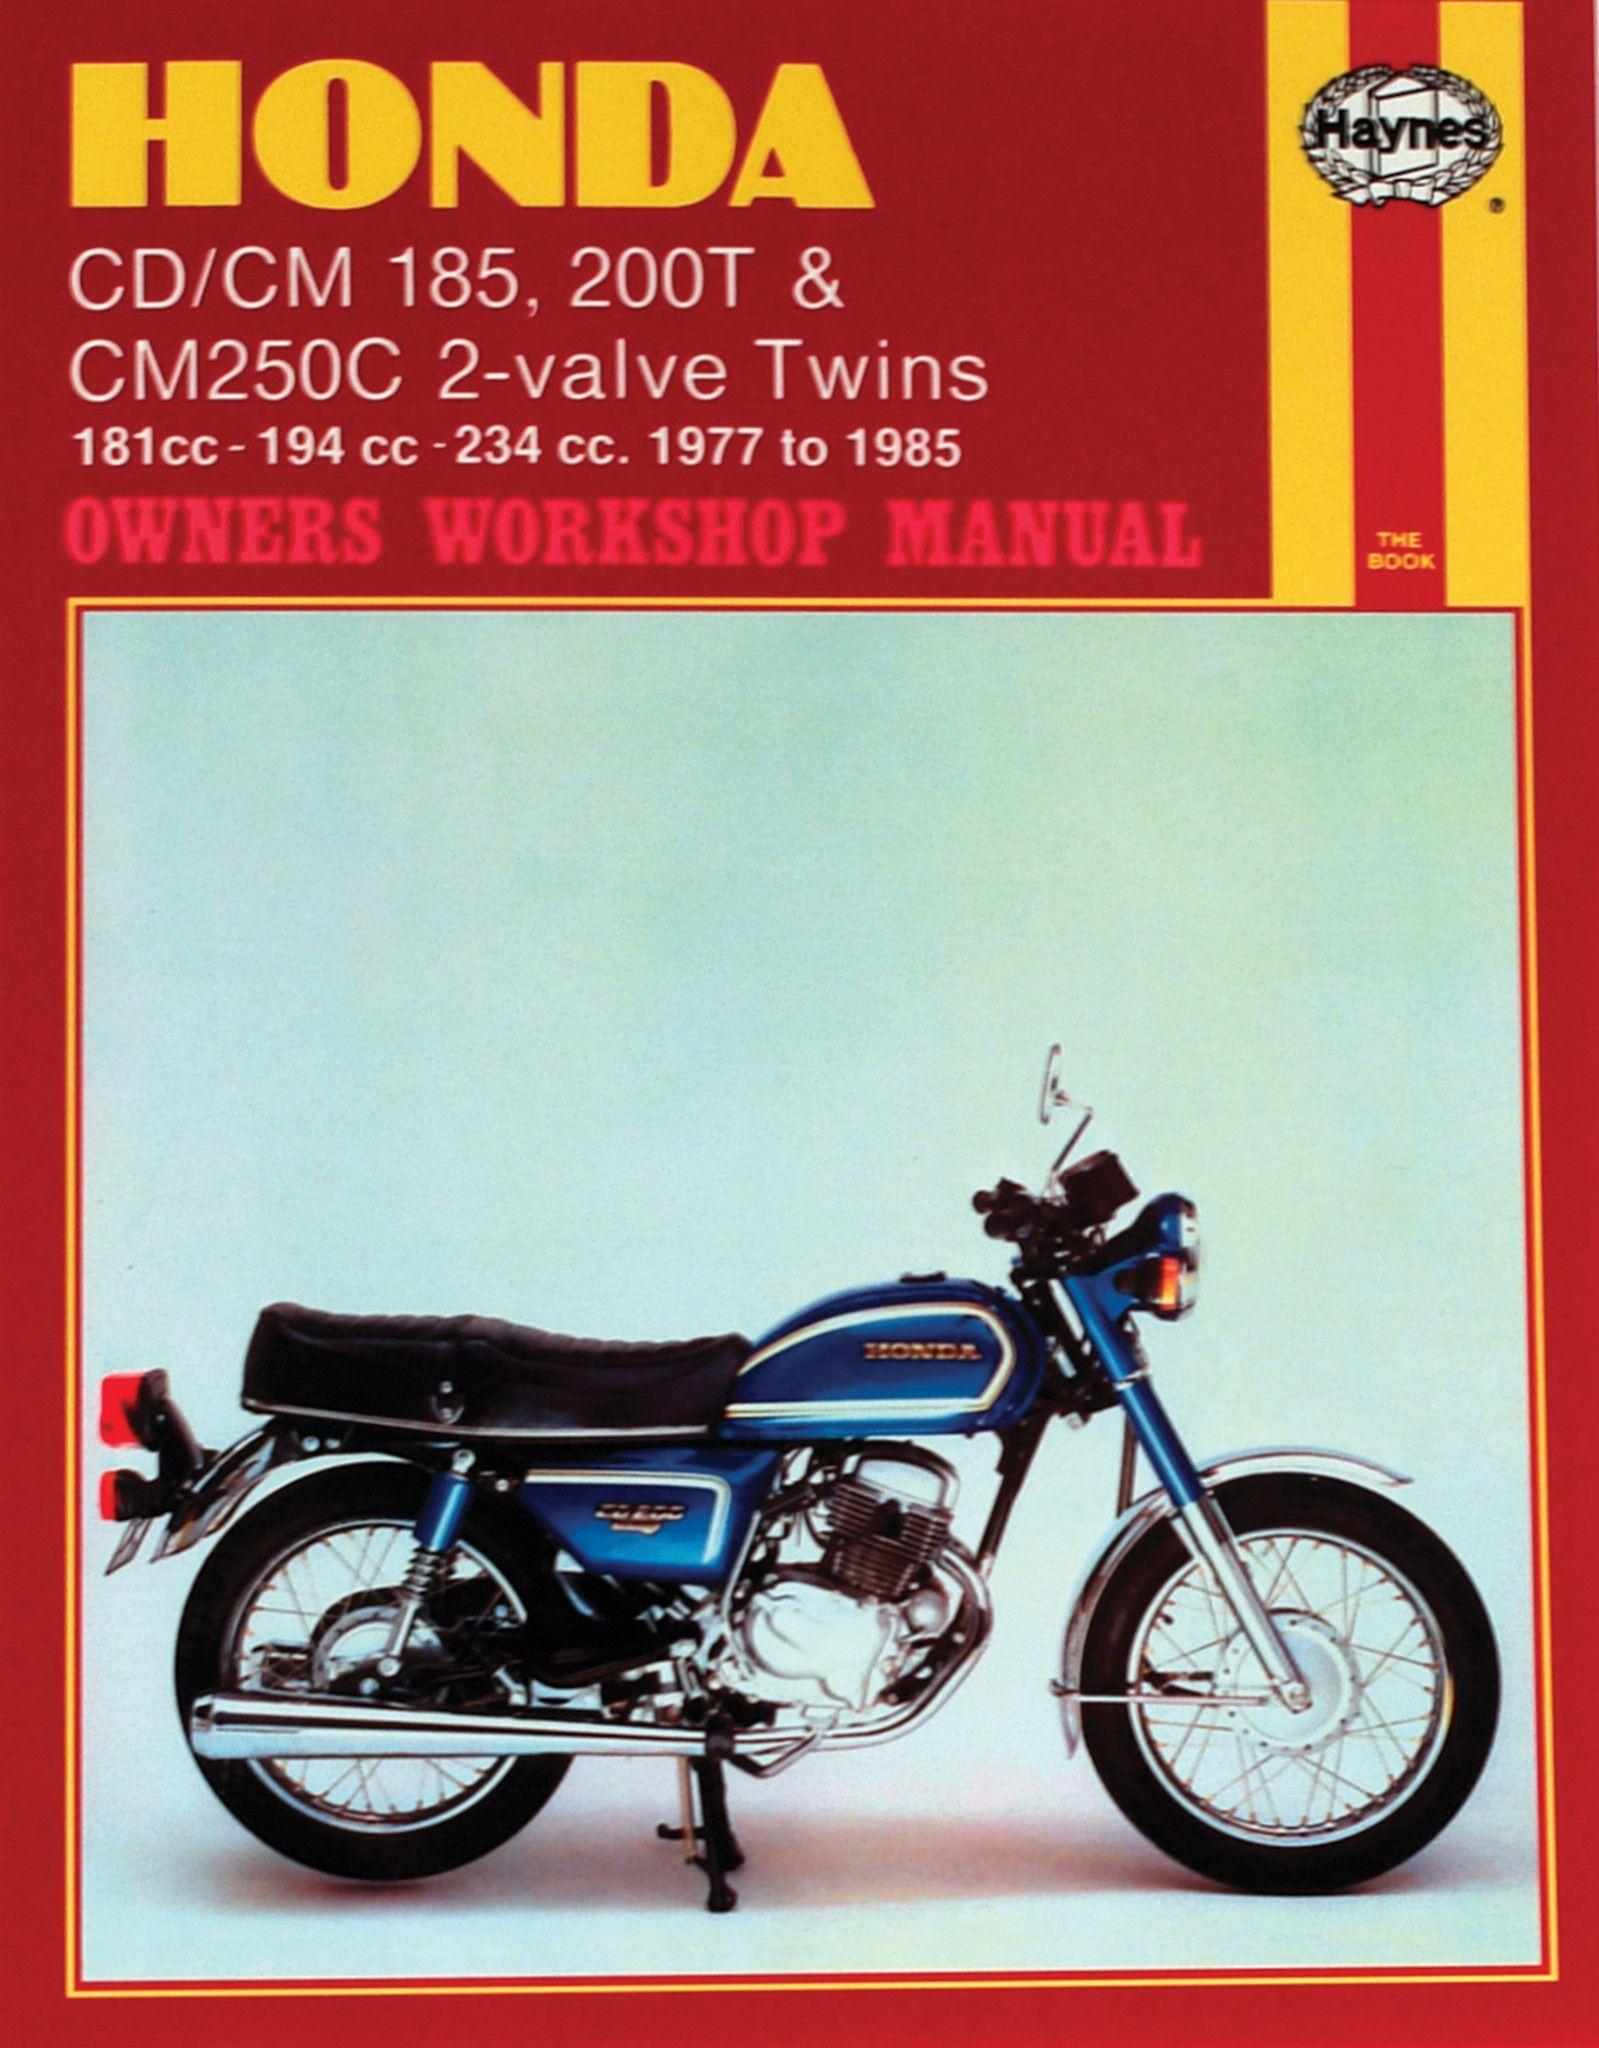 haynes m572 repair manual for 1977 83 honda cd cm 185 200t cm250c 2 rh pinterest com honda motorcycle manuals free downloads Honda Motorcycle Spec Manuals